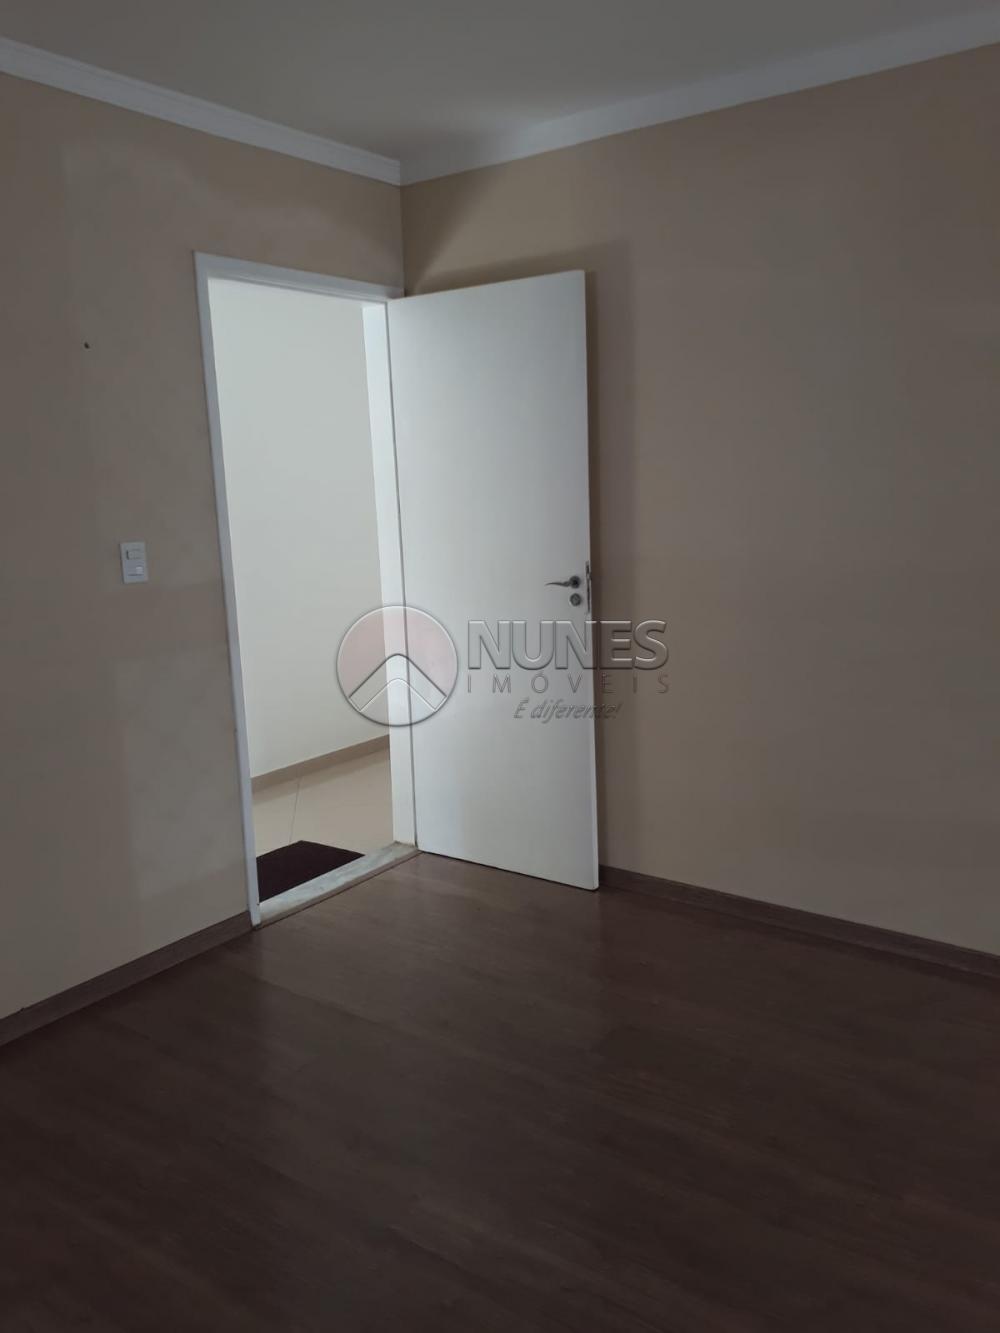 Comprar Apartamento / Padrão em Osasco apenas R$ 270.000,00 - Foto 2